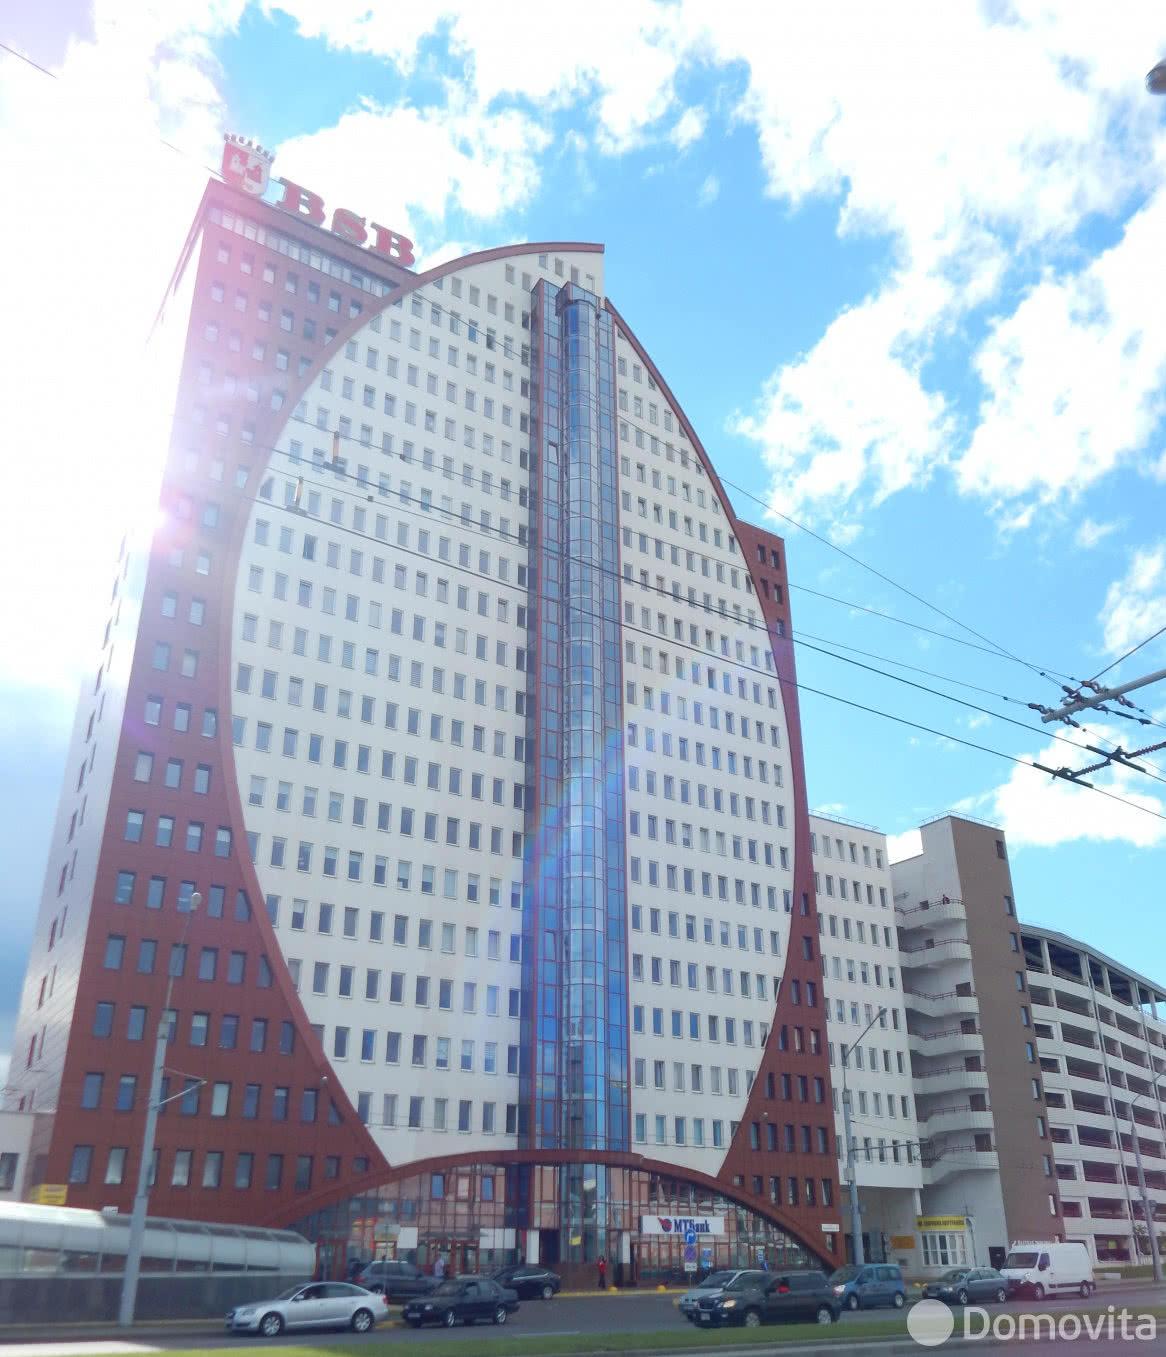 Бизнес-центр Офисинвест - фото 3